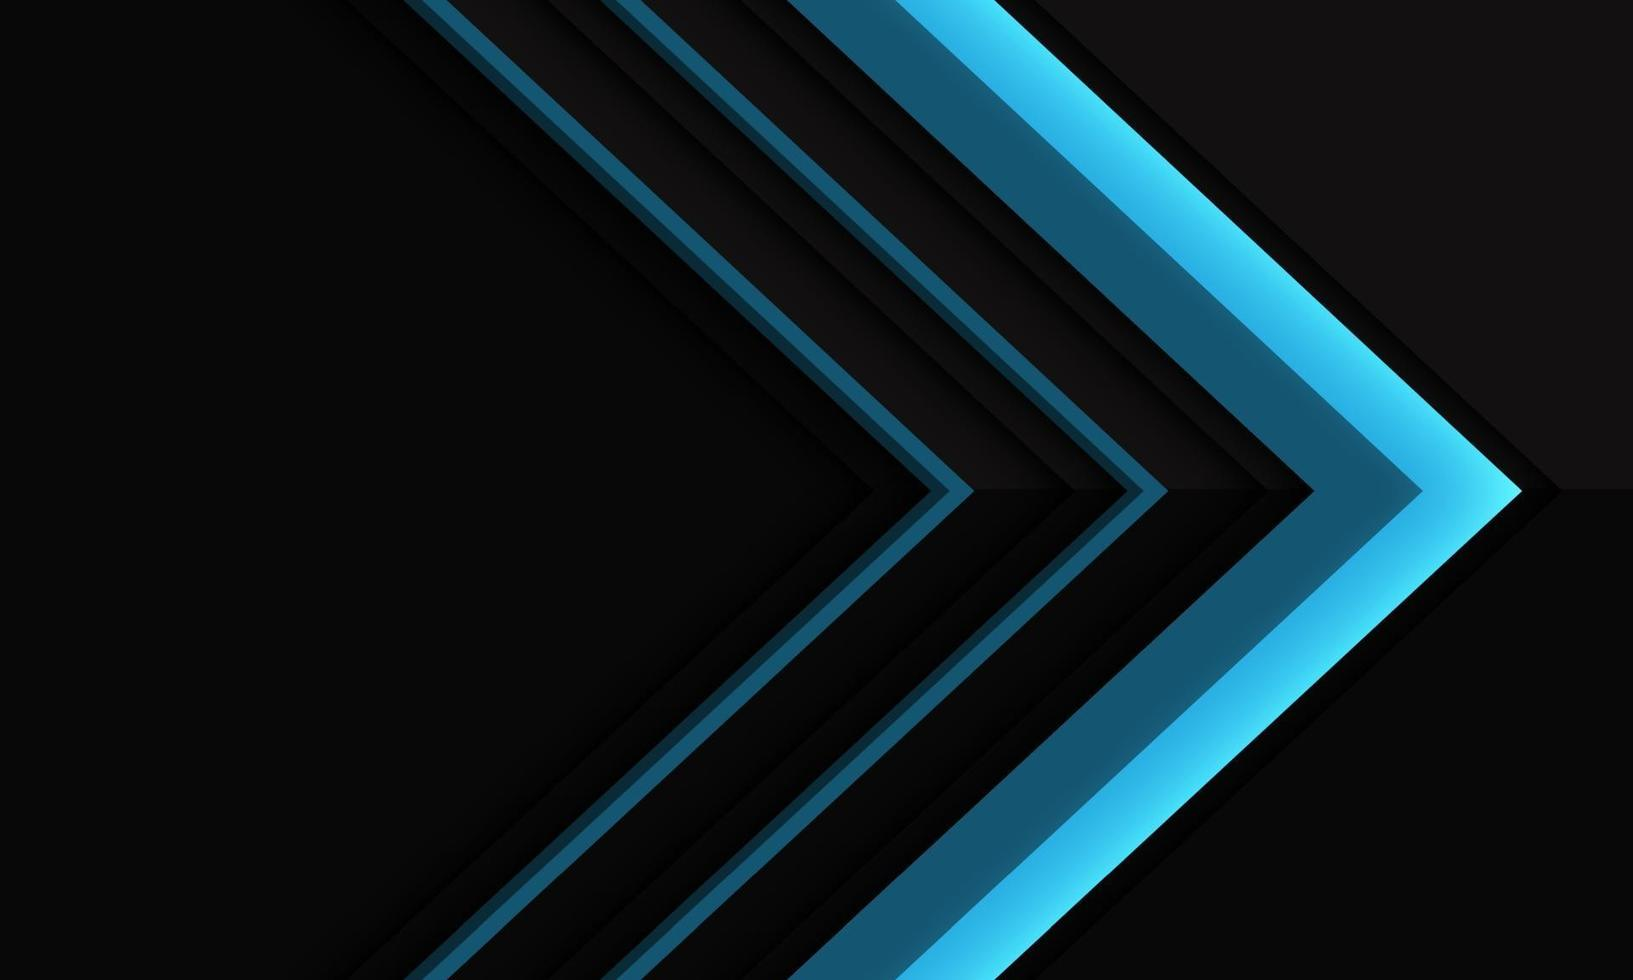 abstrakt blå pilriktning på svart metallisk skugga med tomrumsdesign modern futuristisk bakgrundsvektorillustration. vektor